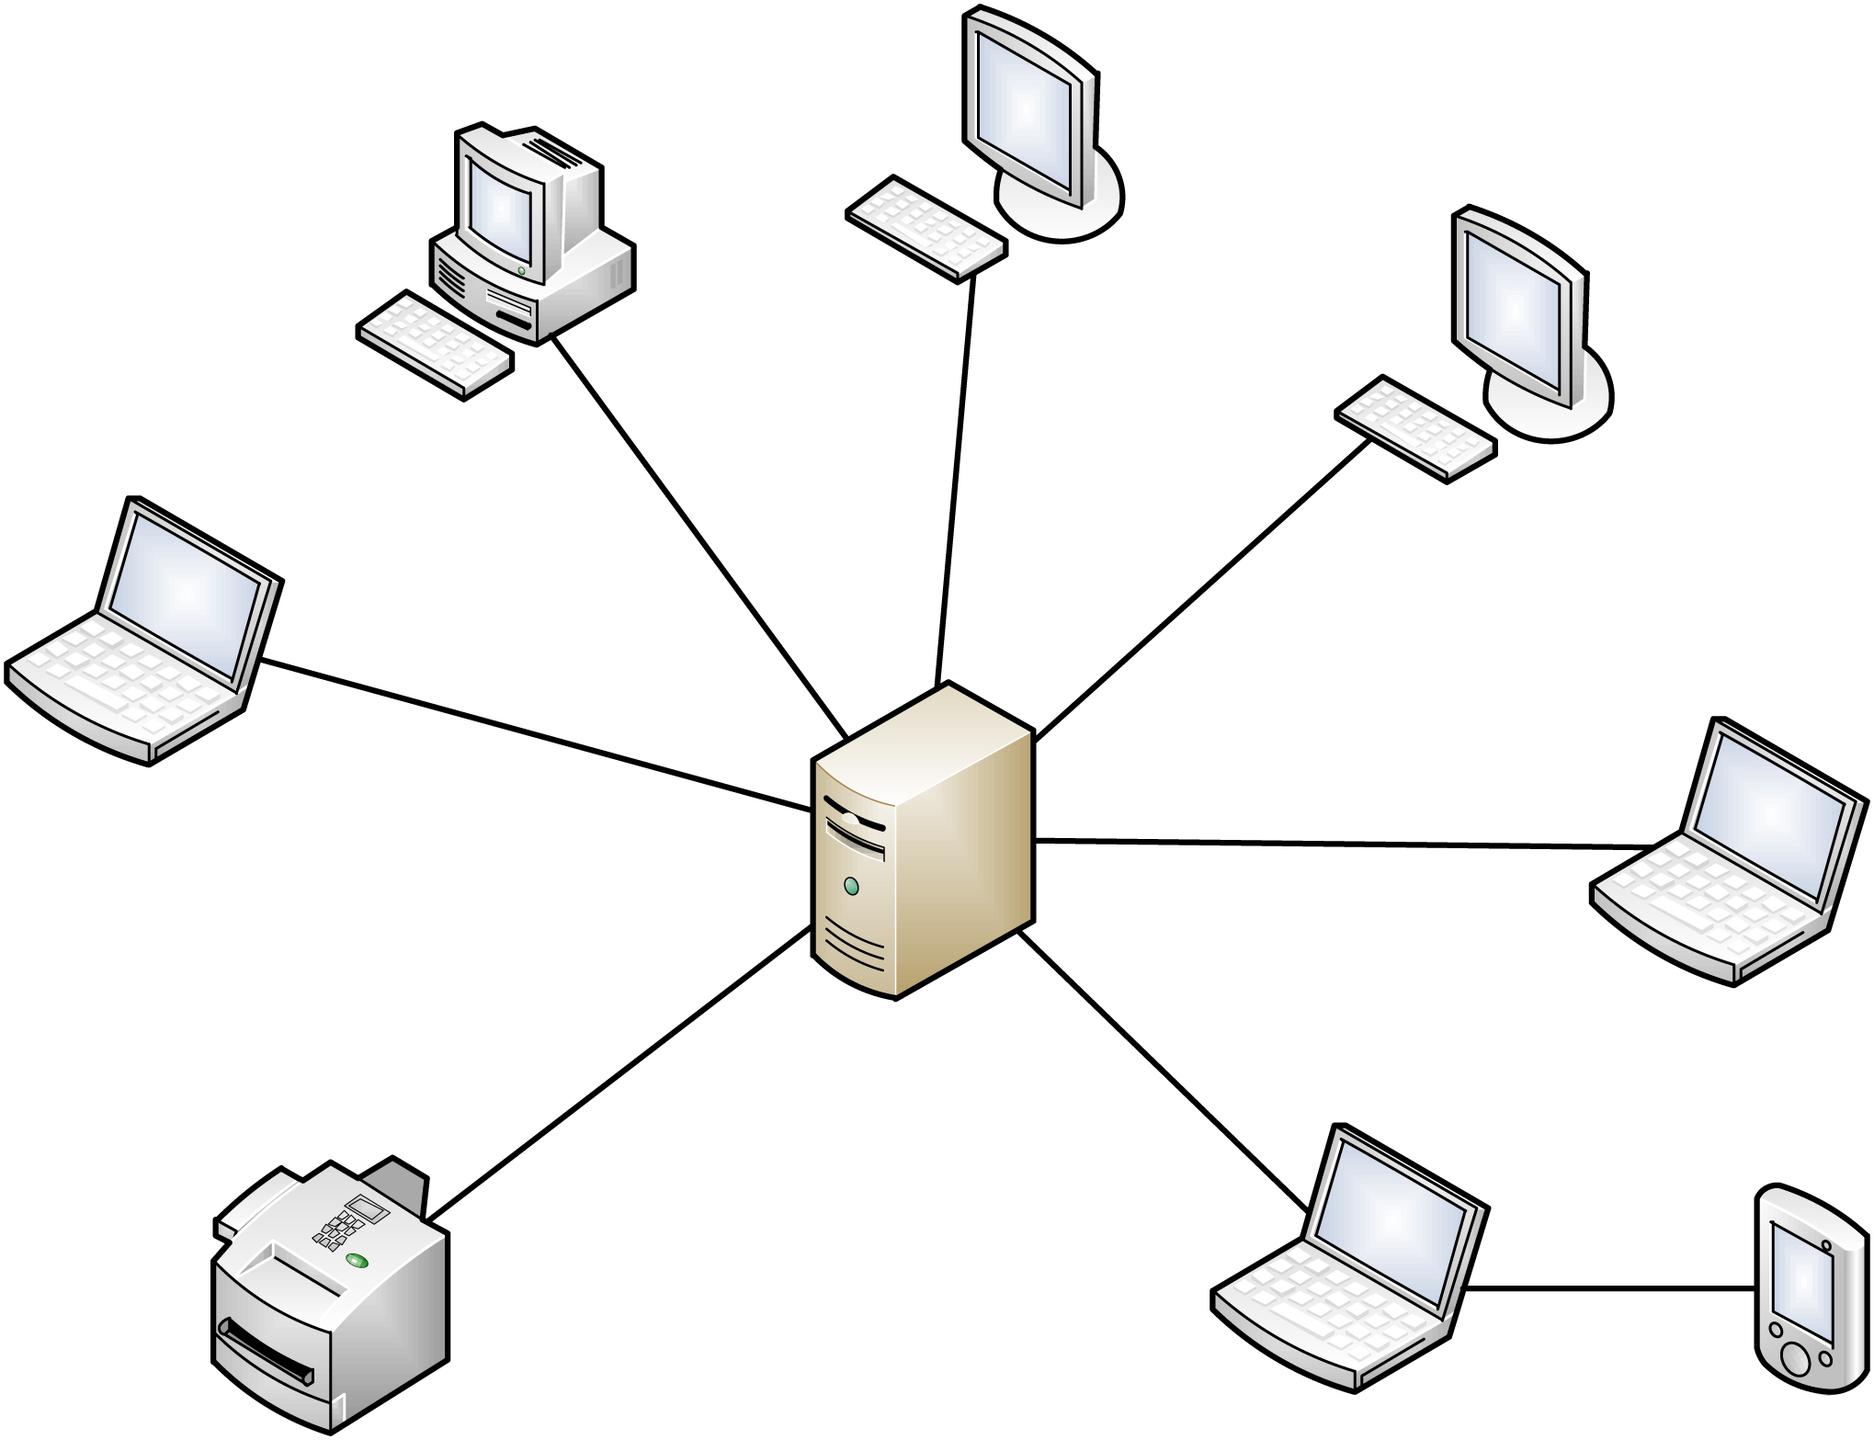 Картинки для архитектуры сети